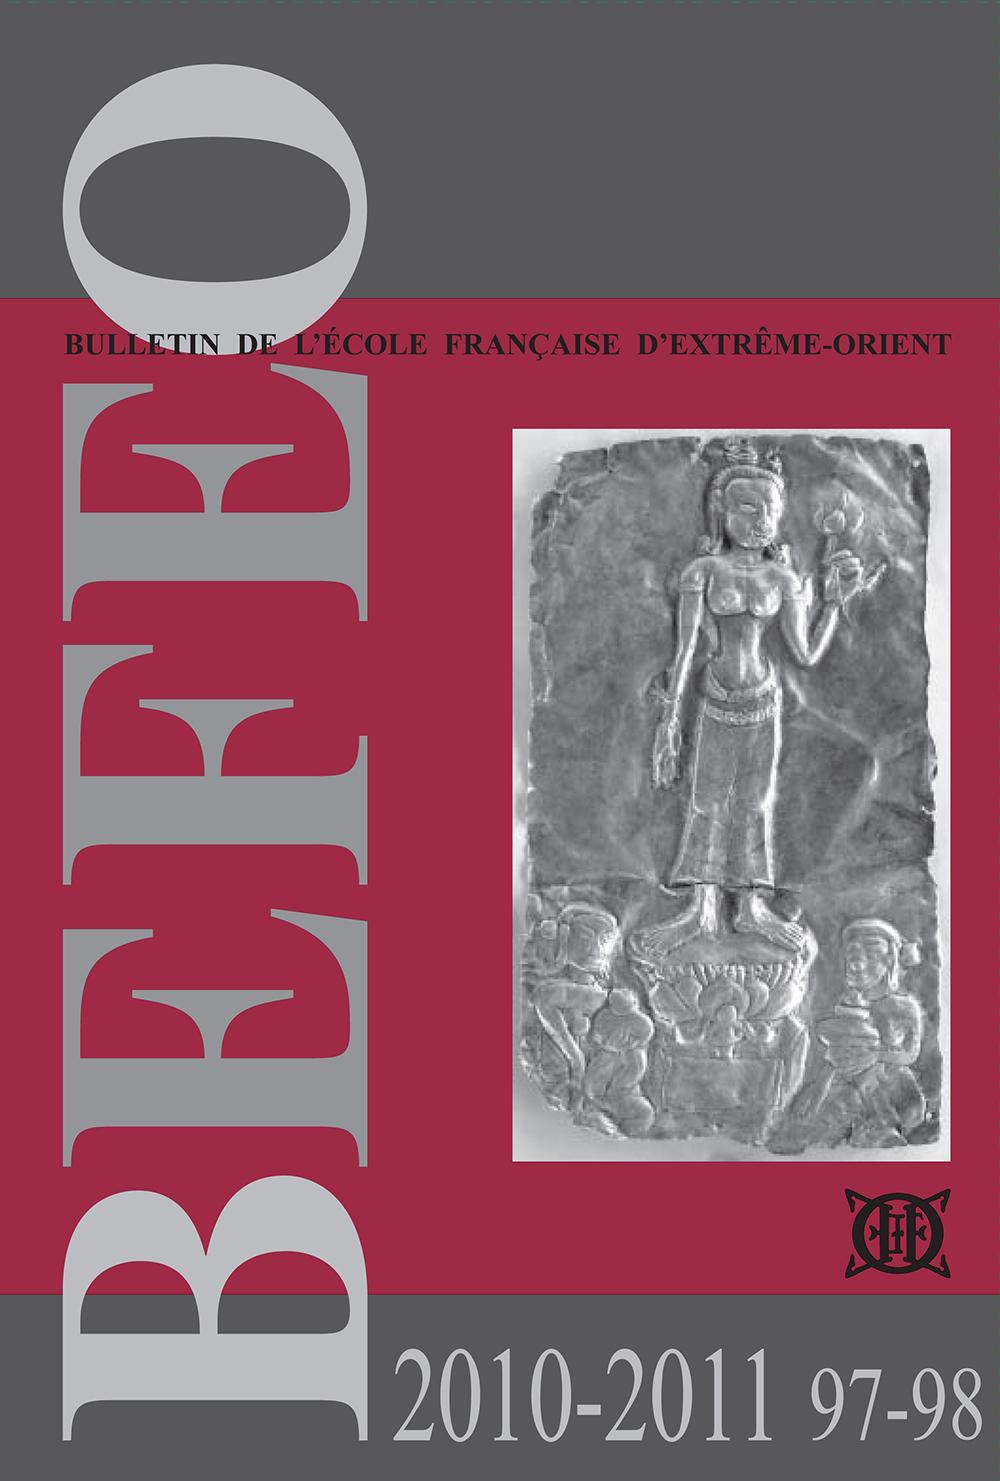 Bulletin de l'Ecole française d'Extrême-Orient 97-98 (2010-2011)